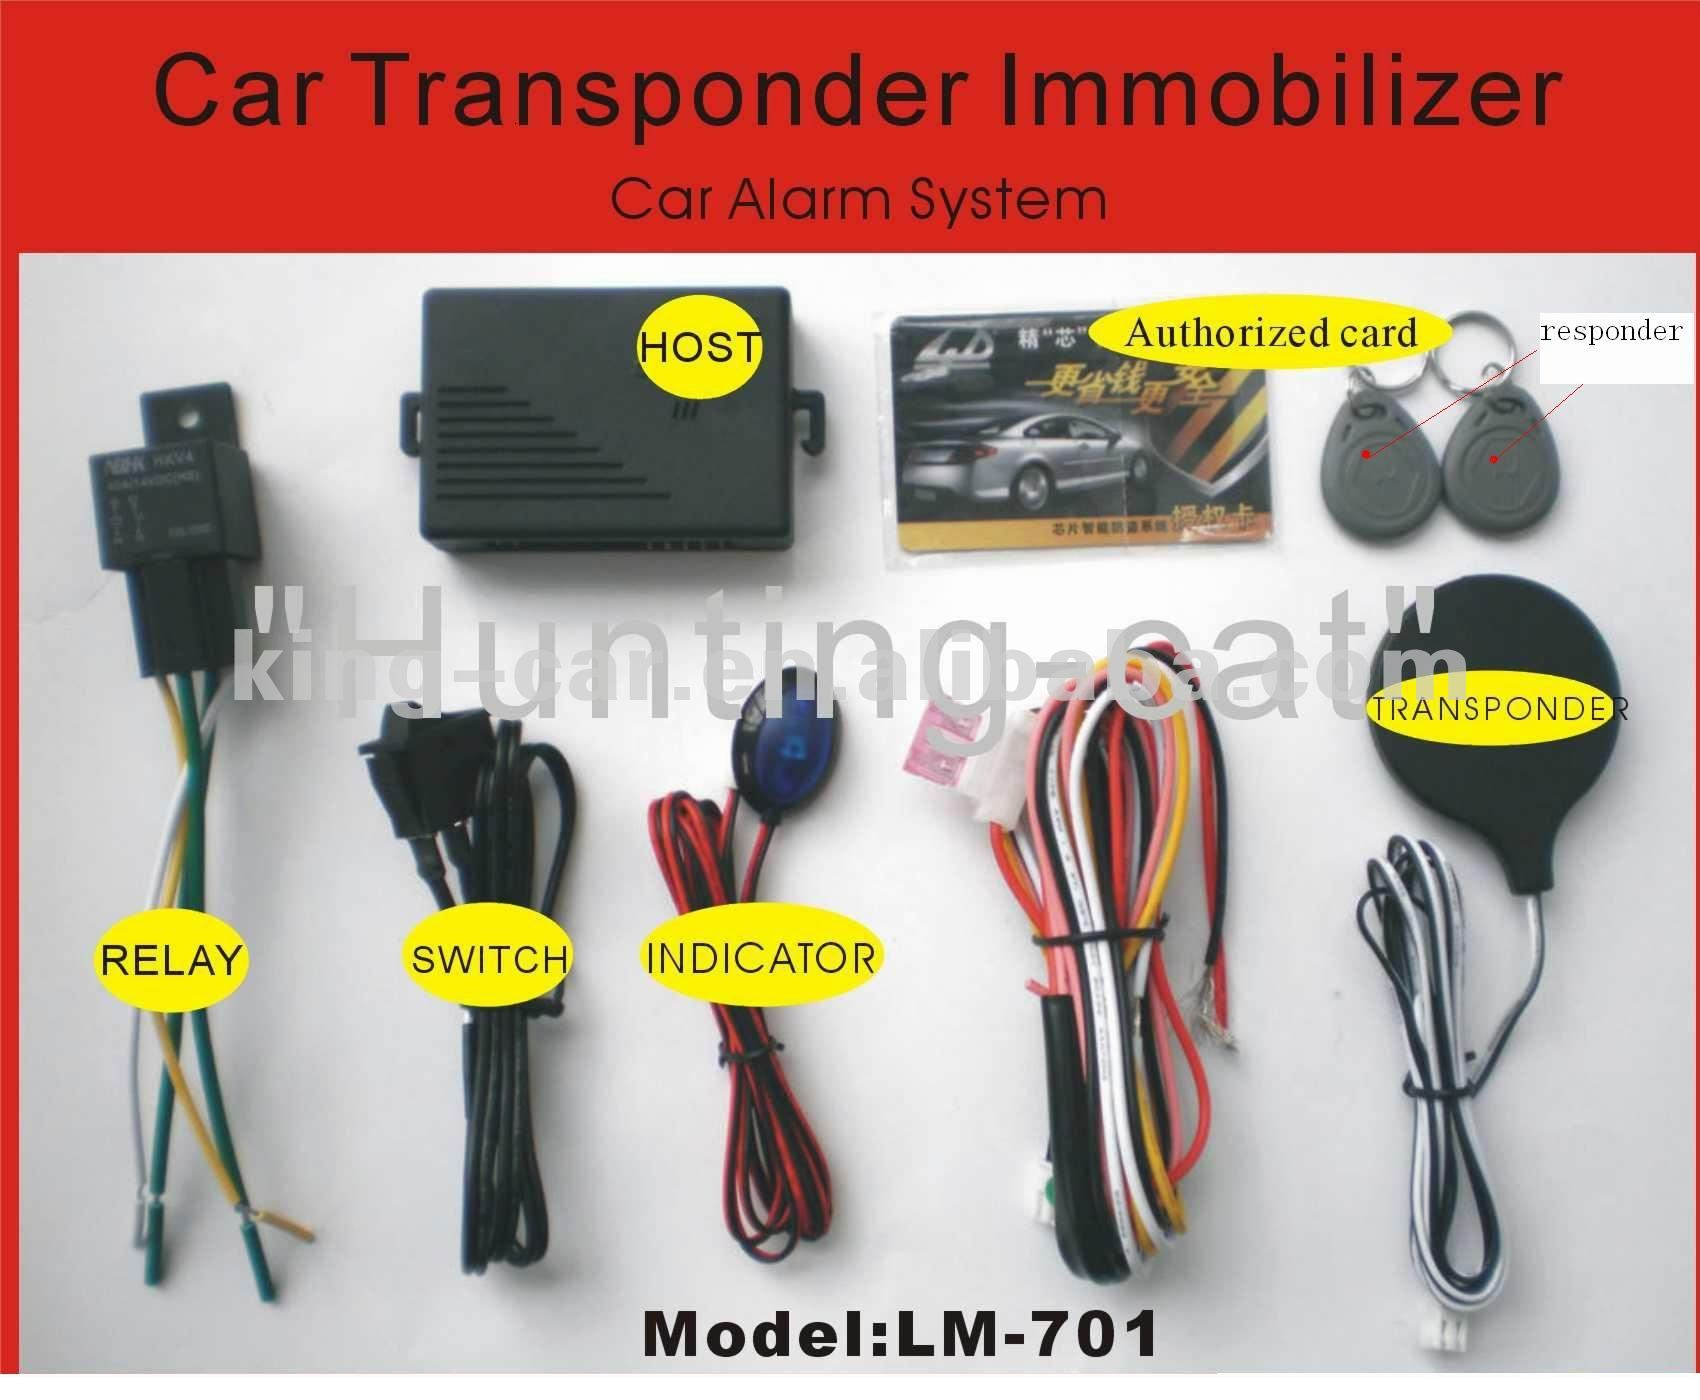 Иммобилайзер для авто своими руками